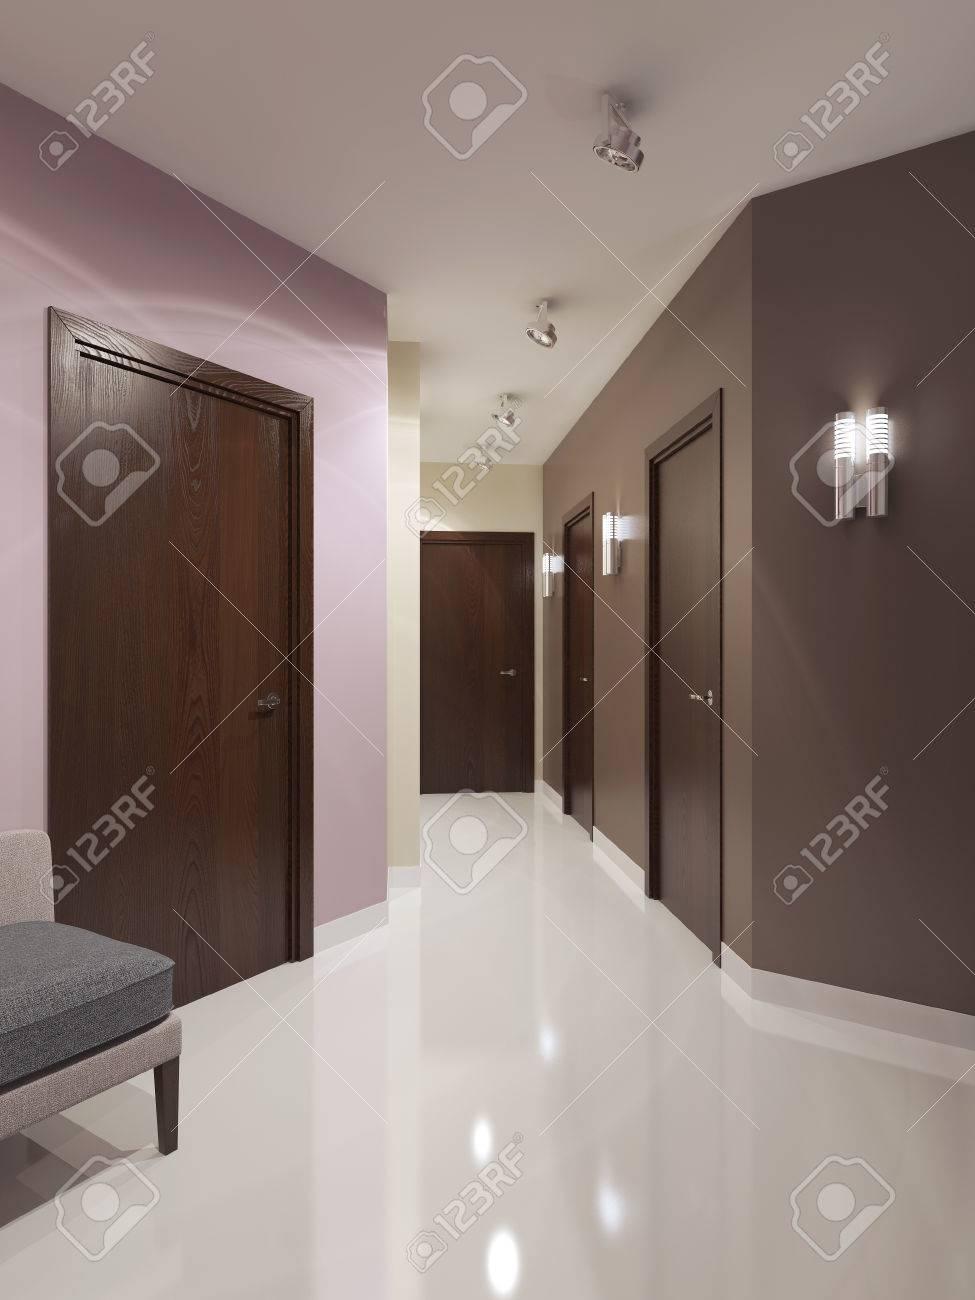 Idée de corridor contemporaine. Sombre portes bruns et les murs  multicolores. Intérieur lumineux de couloir élégante avec des appliques et  des lampes ...